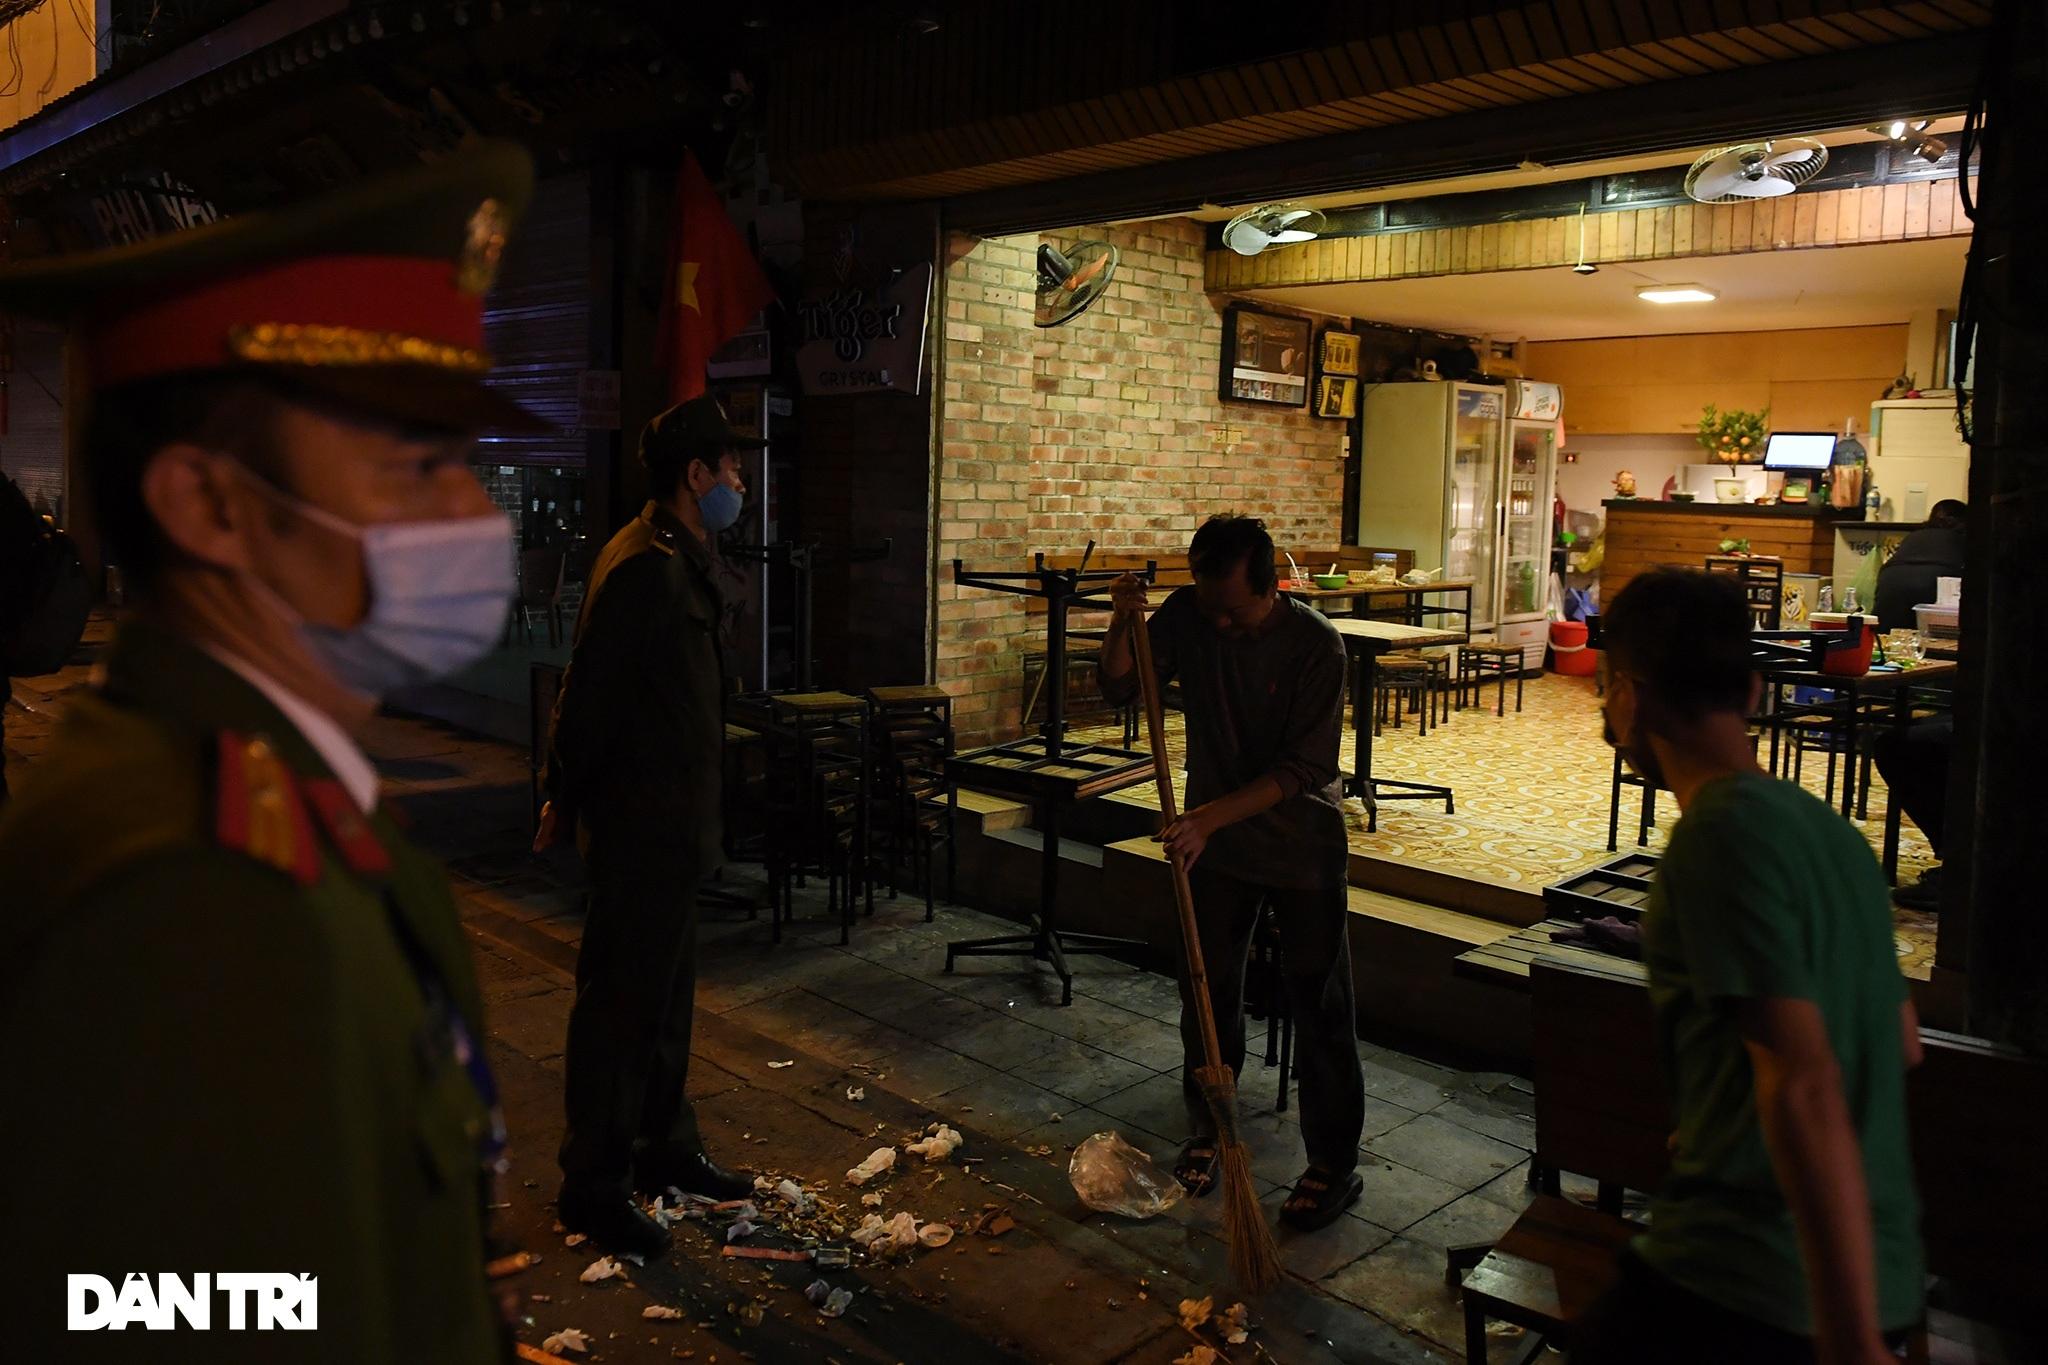 Công an Hà Nội kiểm tra xuyên đêm, yêu cầu hàng quán đóng cửa trước 0h  - 15